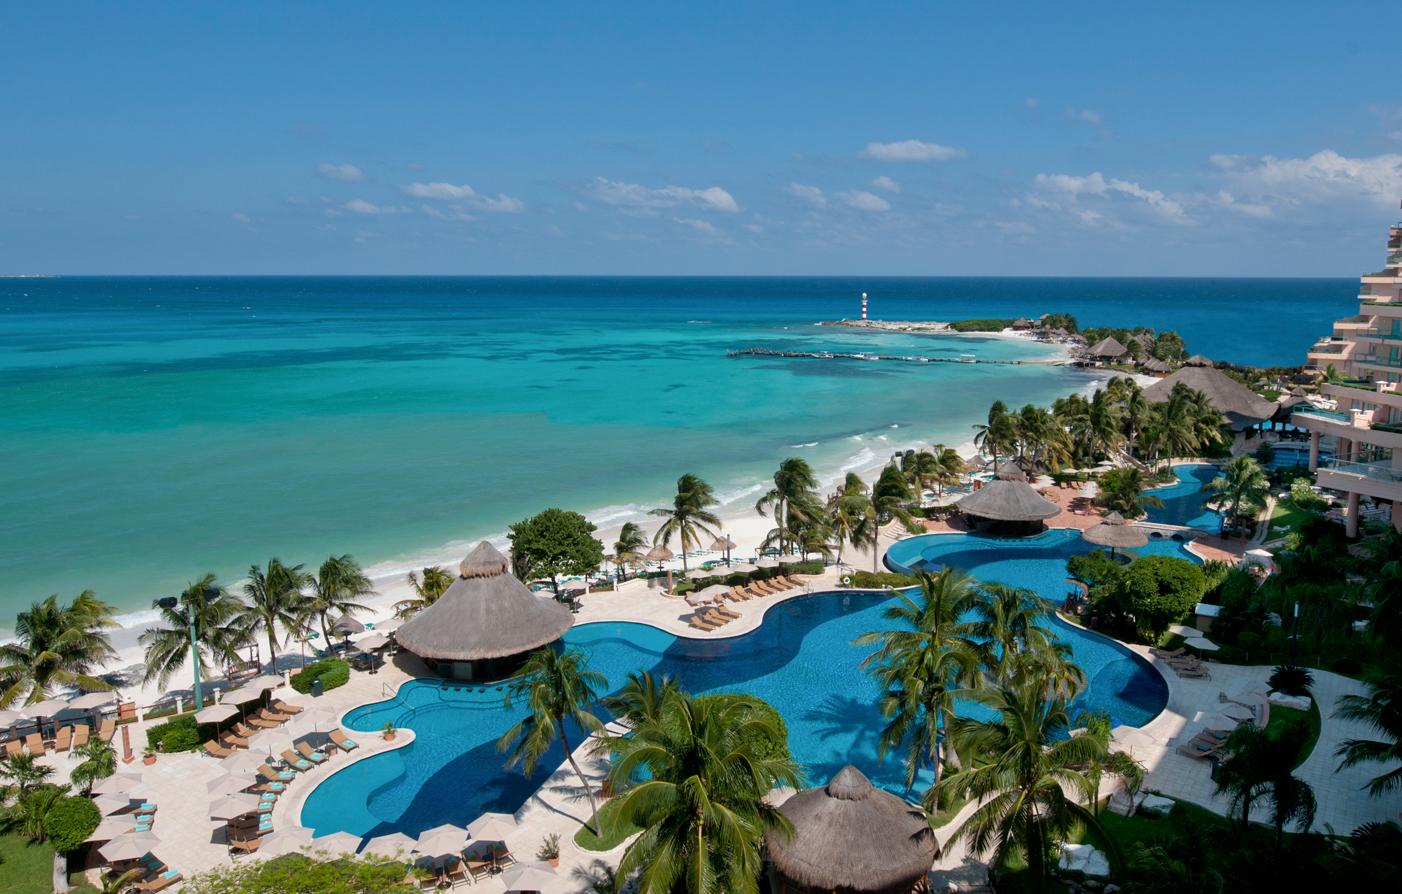 hotels mexico cancun fiesta americana grand coral beach resort hotel